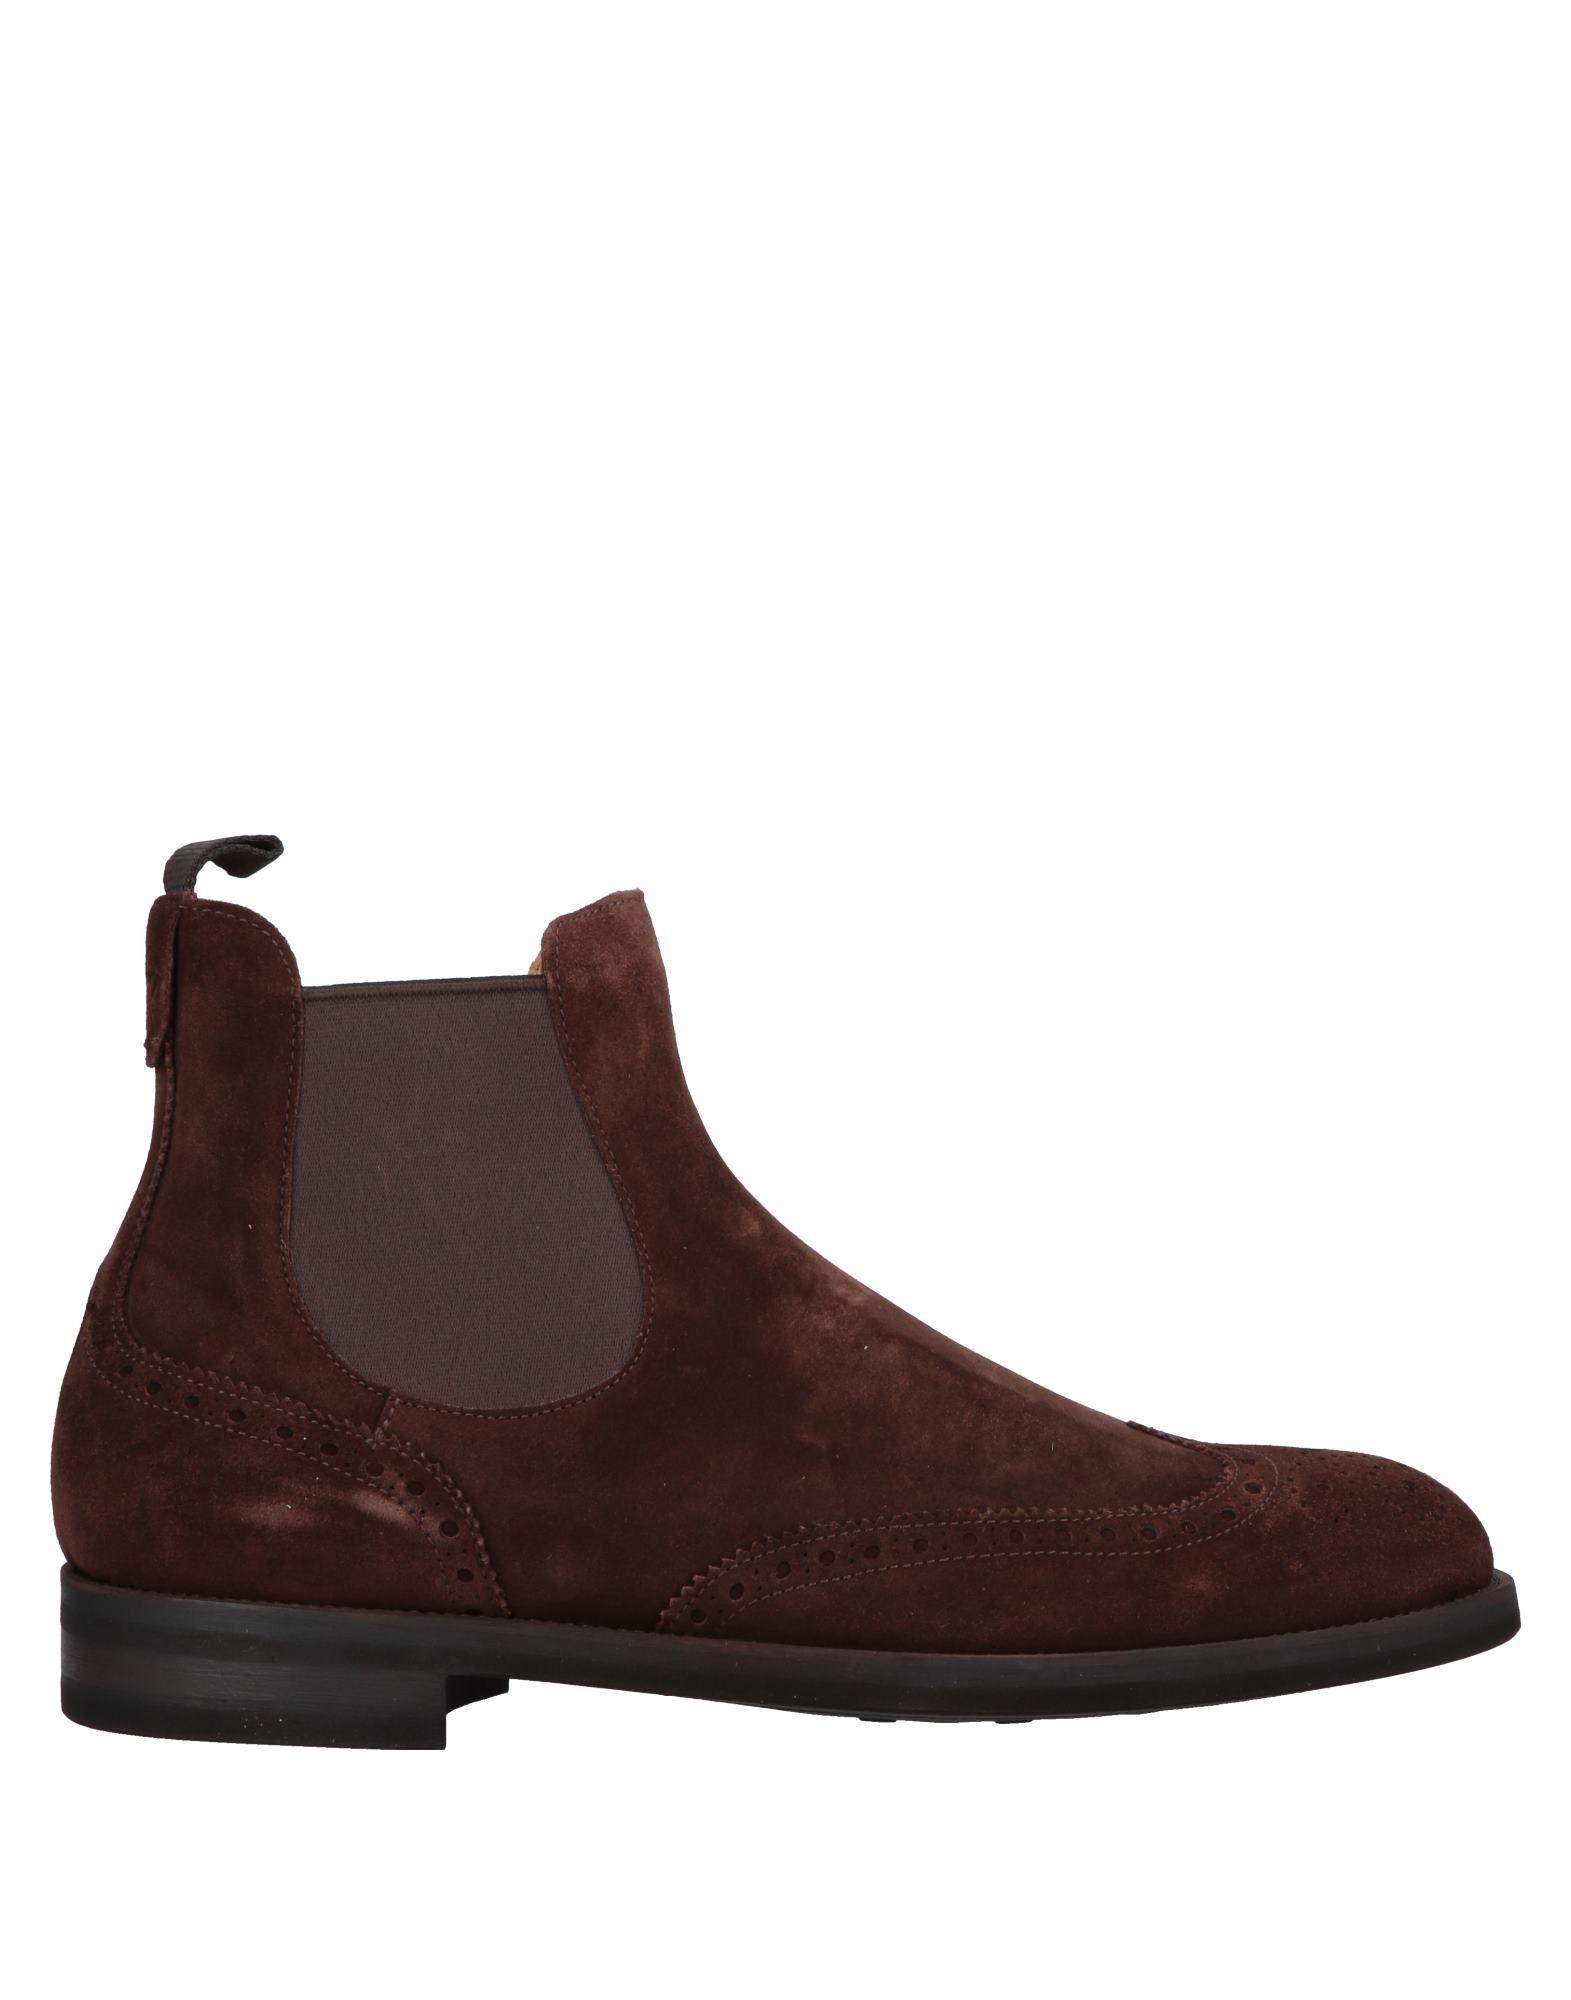 SUTOR MANTELLASSI Полусапоги и высокие ботинки цены онлайн